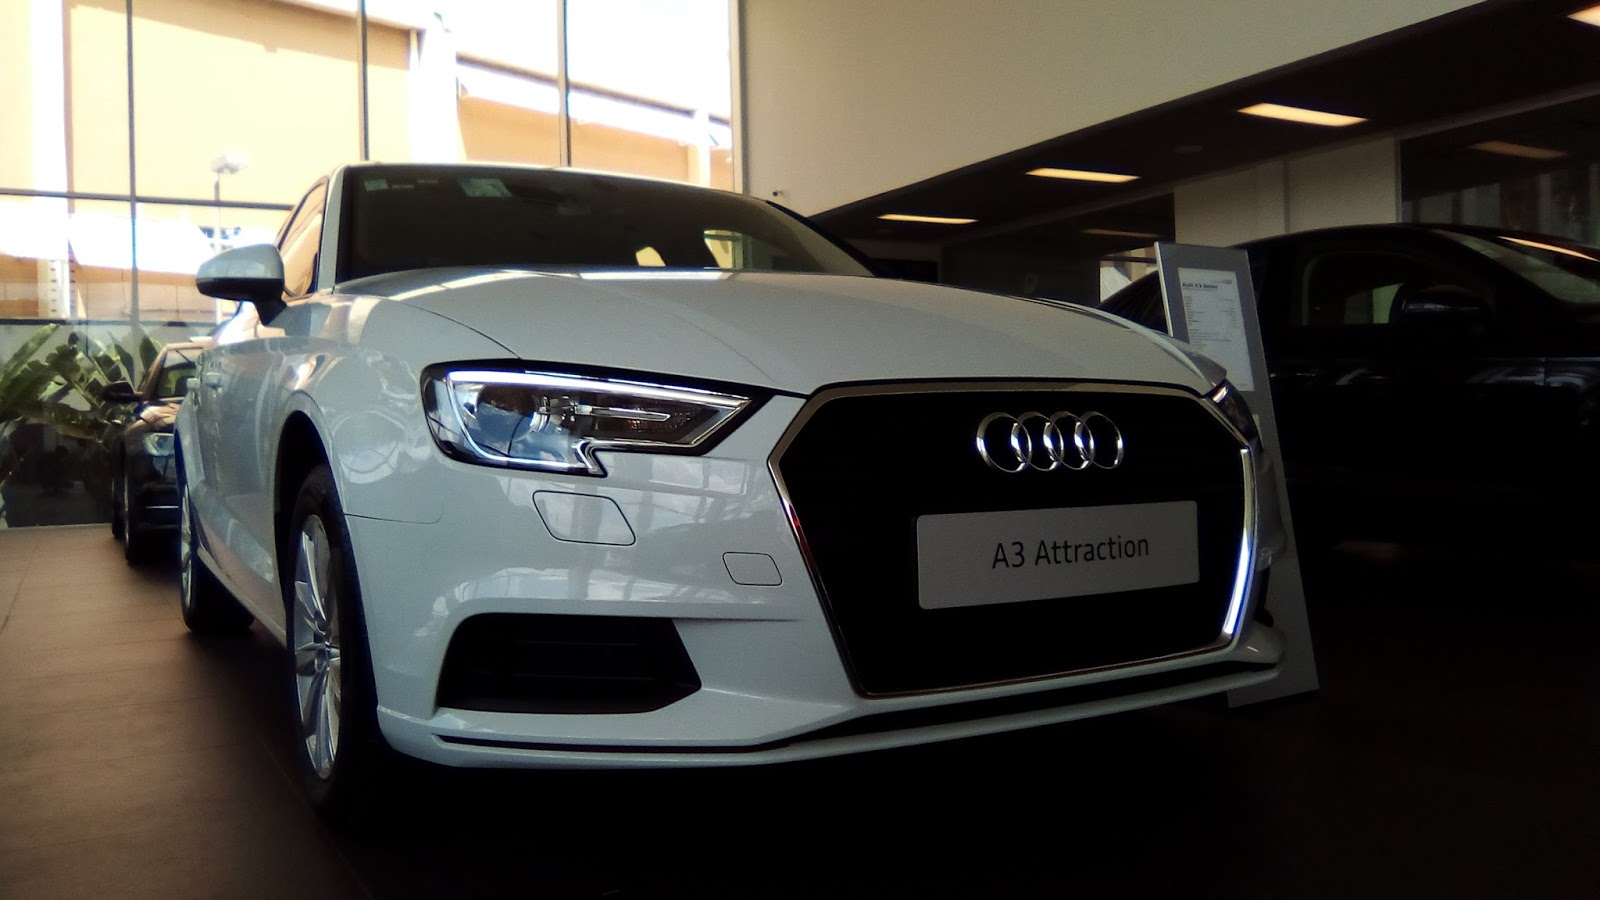 Novo Audi A3 avança para nível superior de design e tecnologia